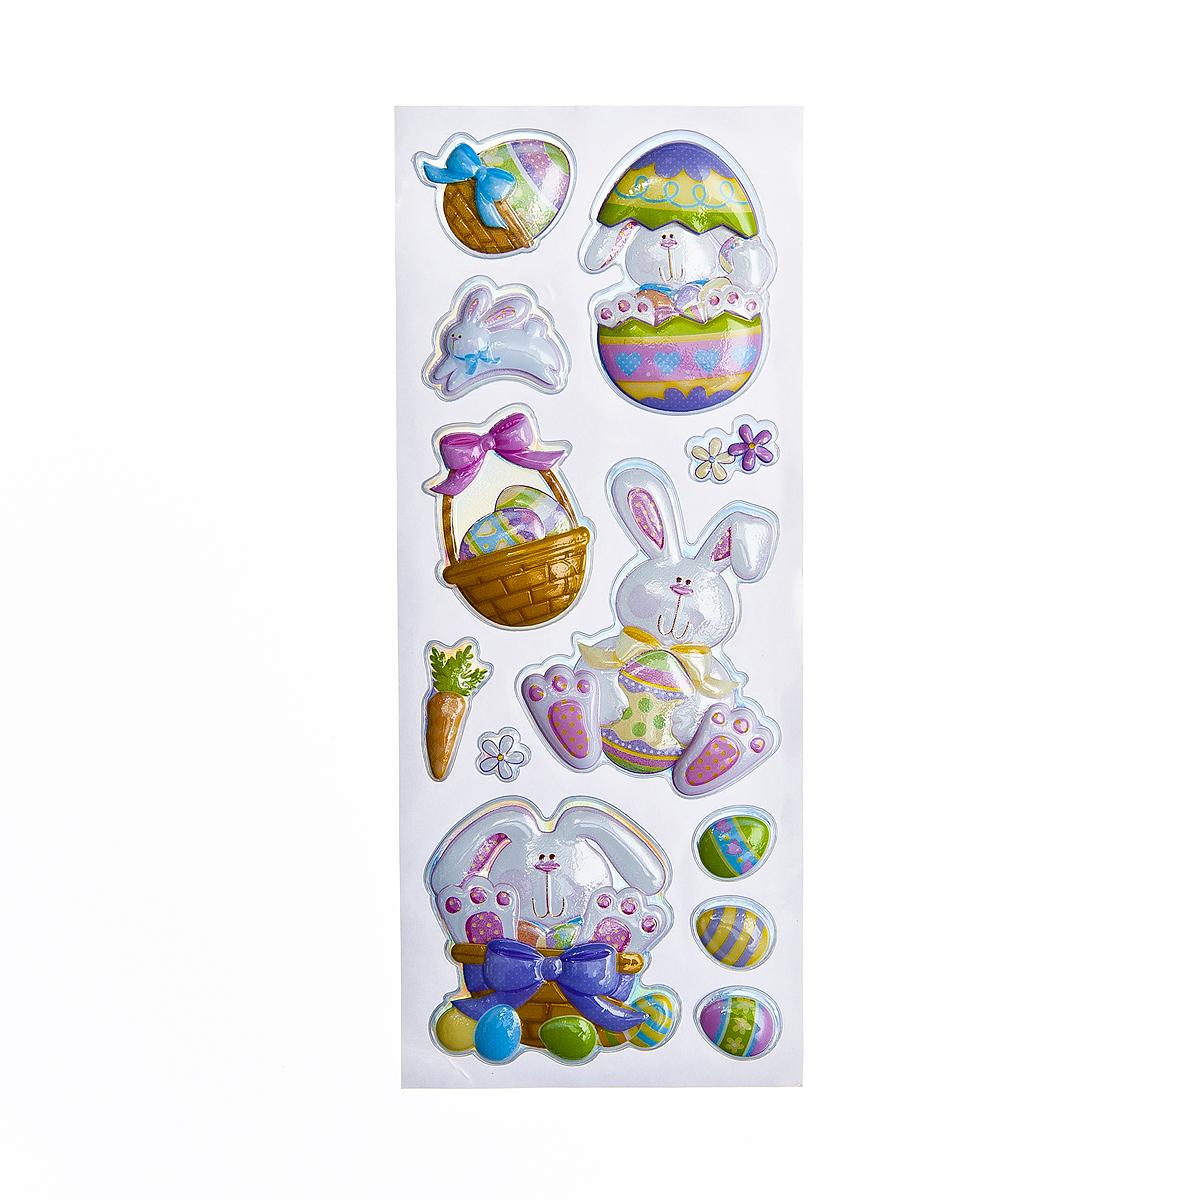 Набор объемных наклеек Home Queen Кролик в яйце, 11 шт60882_1Набор объемных наклеек Home Queen Кролик в яйце прекрасно подойдет для оформления творческих работ. Их можно использовать для скрапбукинга, украшения упаковок, подарков и конвертов, открыток, декорирования коллажей, фотографий, изделий ручной работы и предметов интерьера. Объемные наклейки выполнены из ПВХ. Задняя сторона клейкая. В наборе - 11 объемных наклеек, выполненных в виде пасхального кролика, цыпленка и яиц. Такой набор украшений создаст атмосферу праздника в вашем доме. Комплектация: 11 шт. Средний размер наклейки: 6 см х 6,5 см.